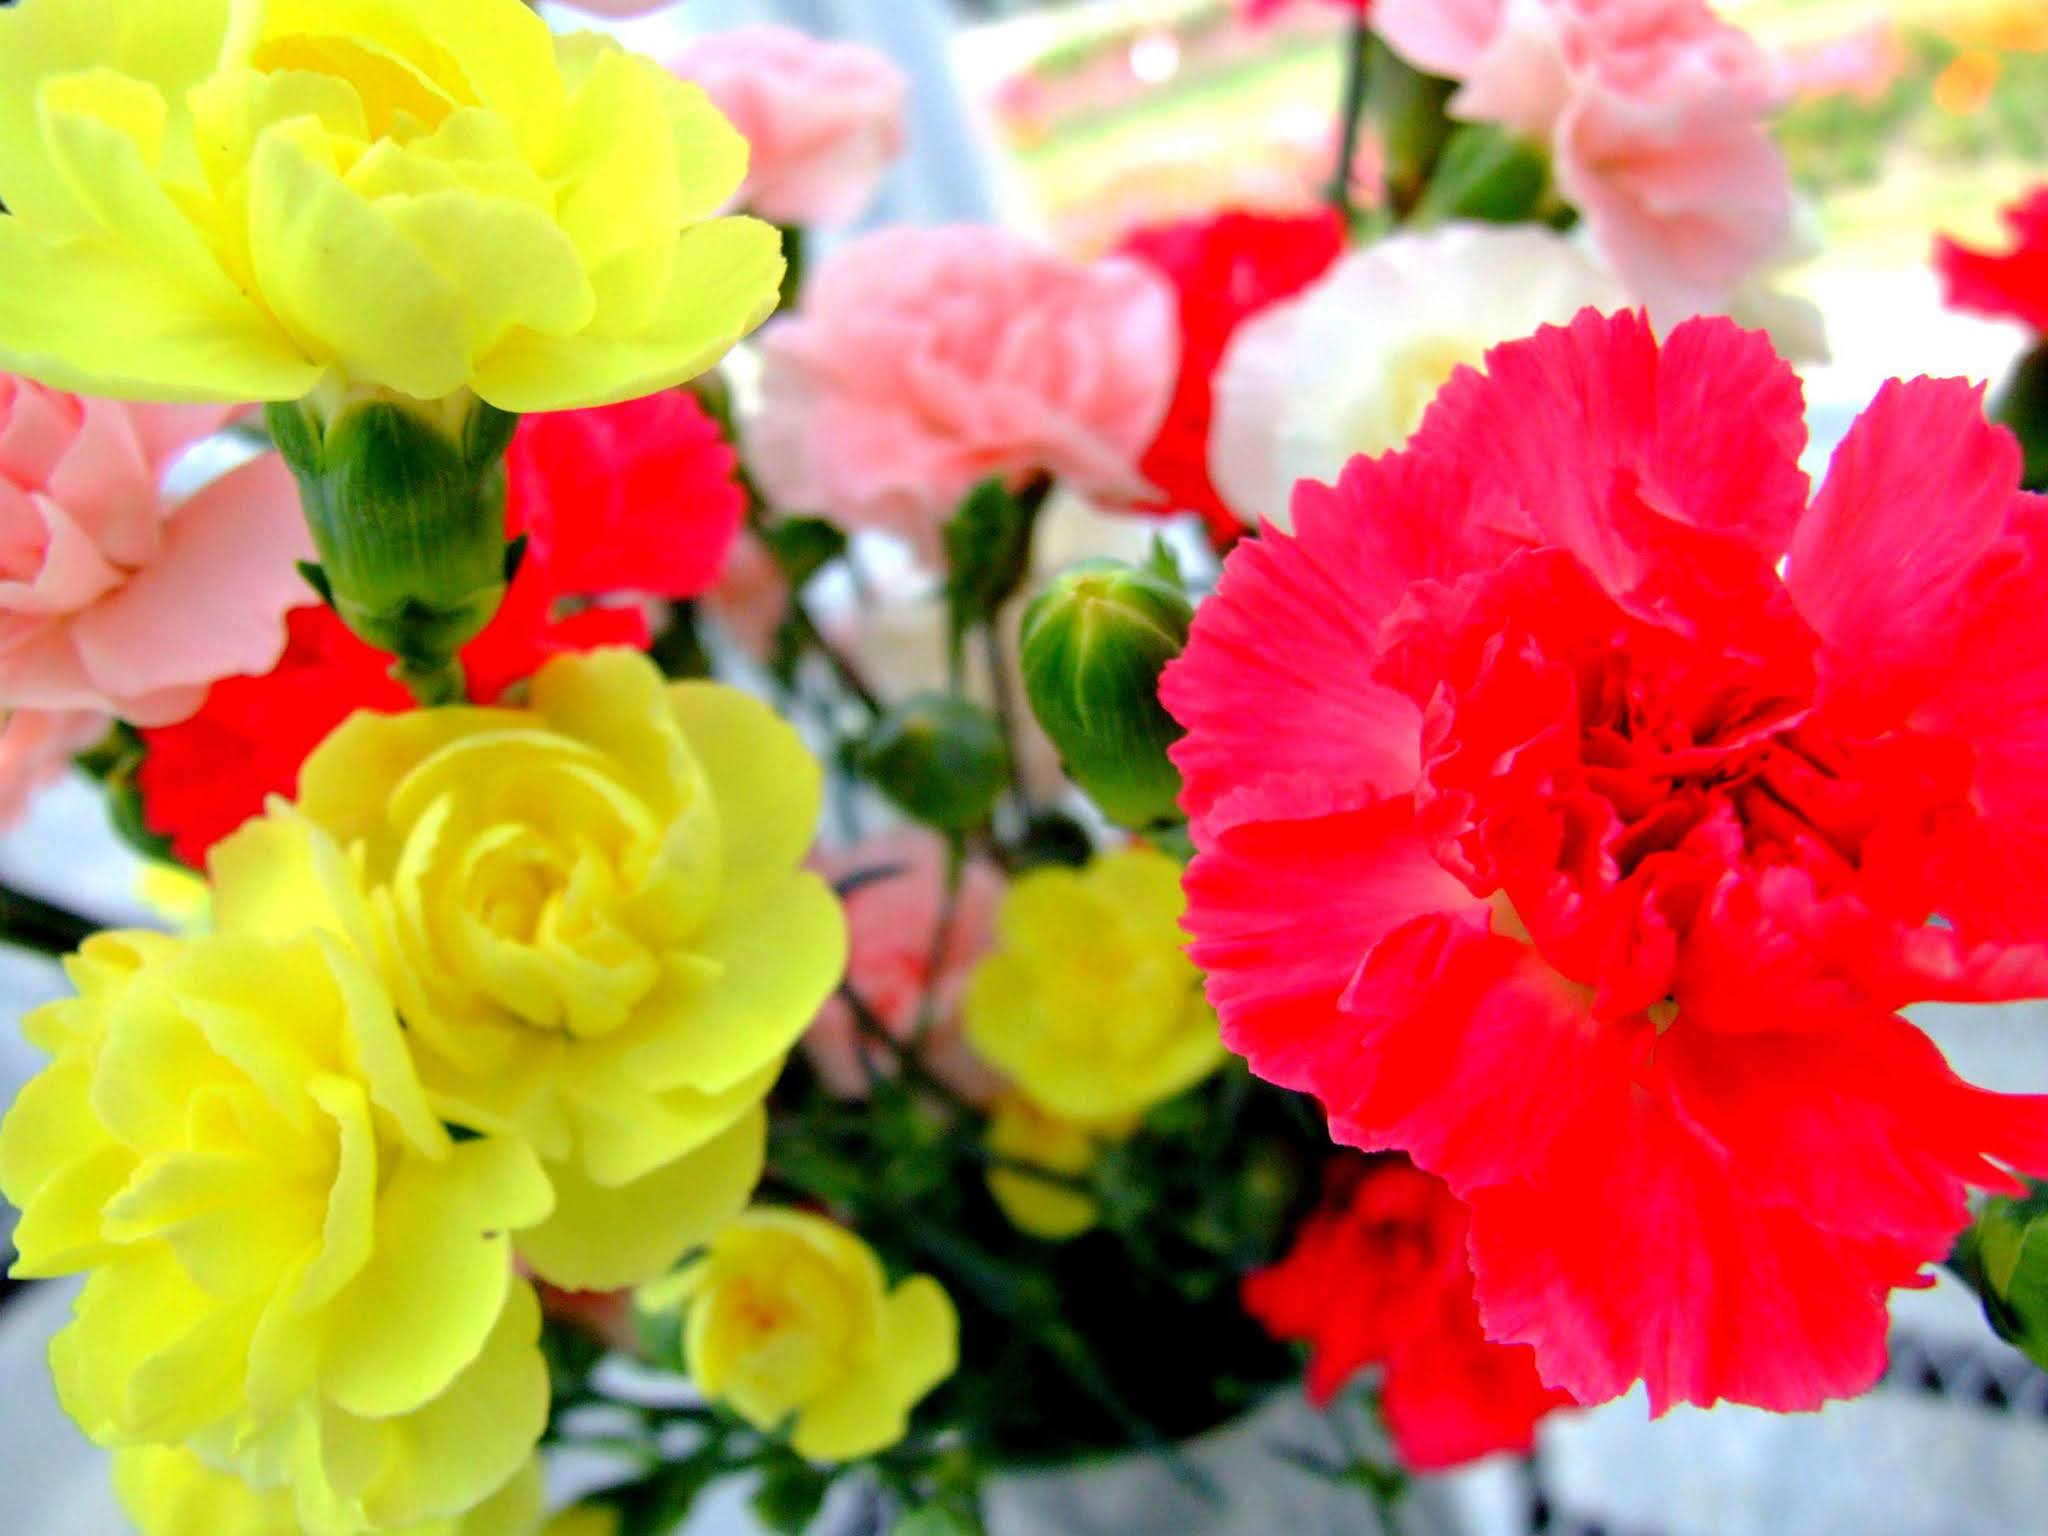 ビビットな赤と黄色のコントラストが美しい、カーネーションの花束の写真素材です。母の日のアイキャッチなどにおすすめですよ。